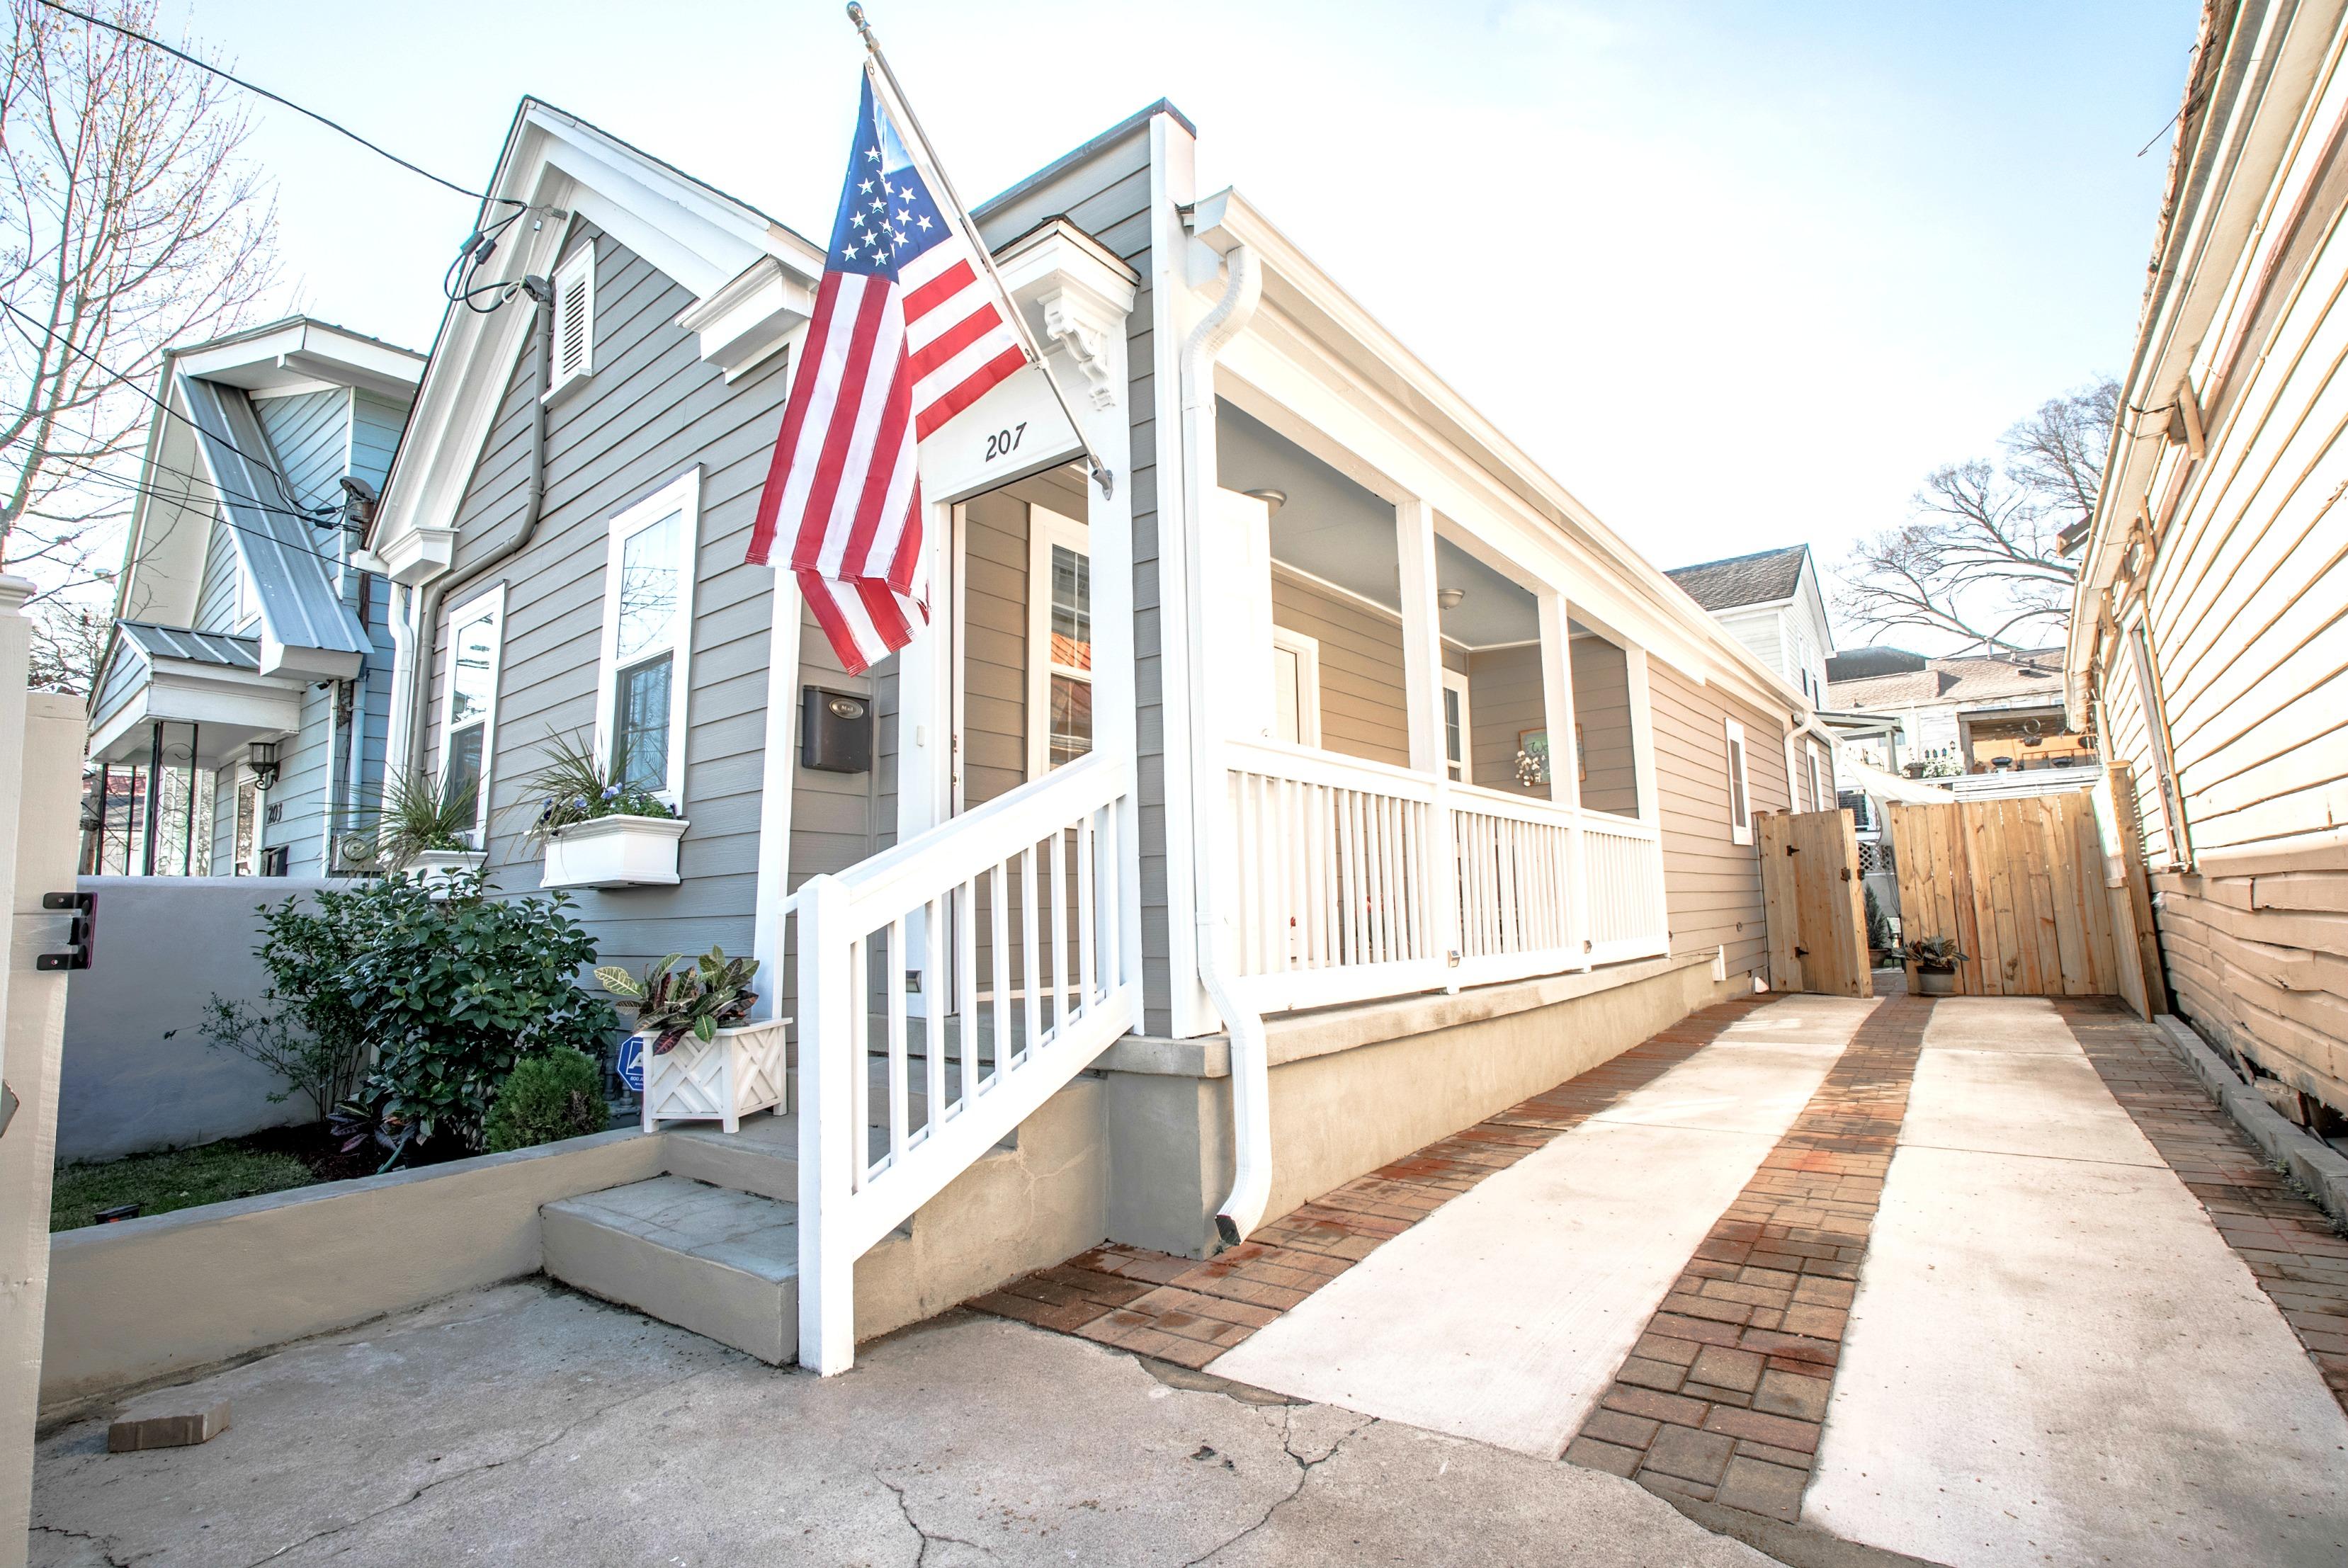 207 Fishburne St. Charleston SC